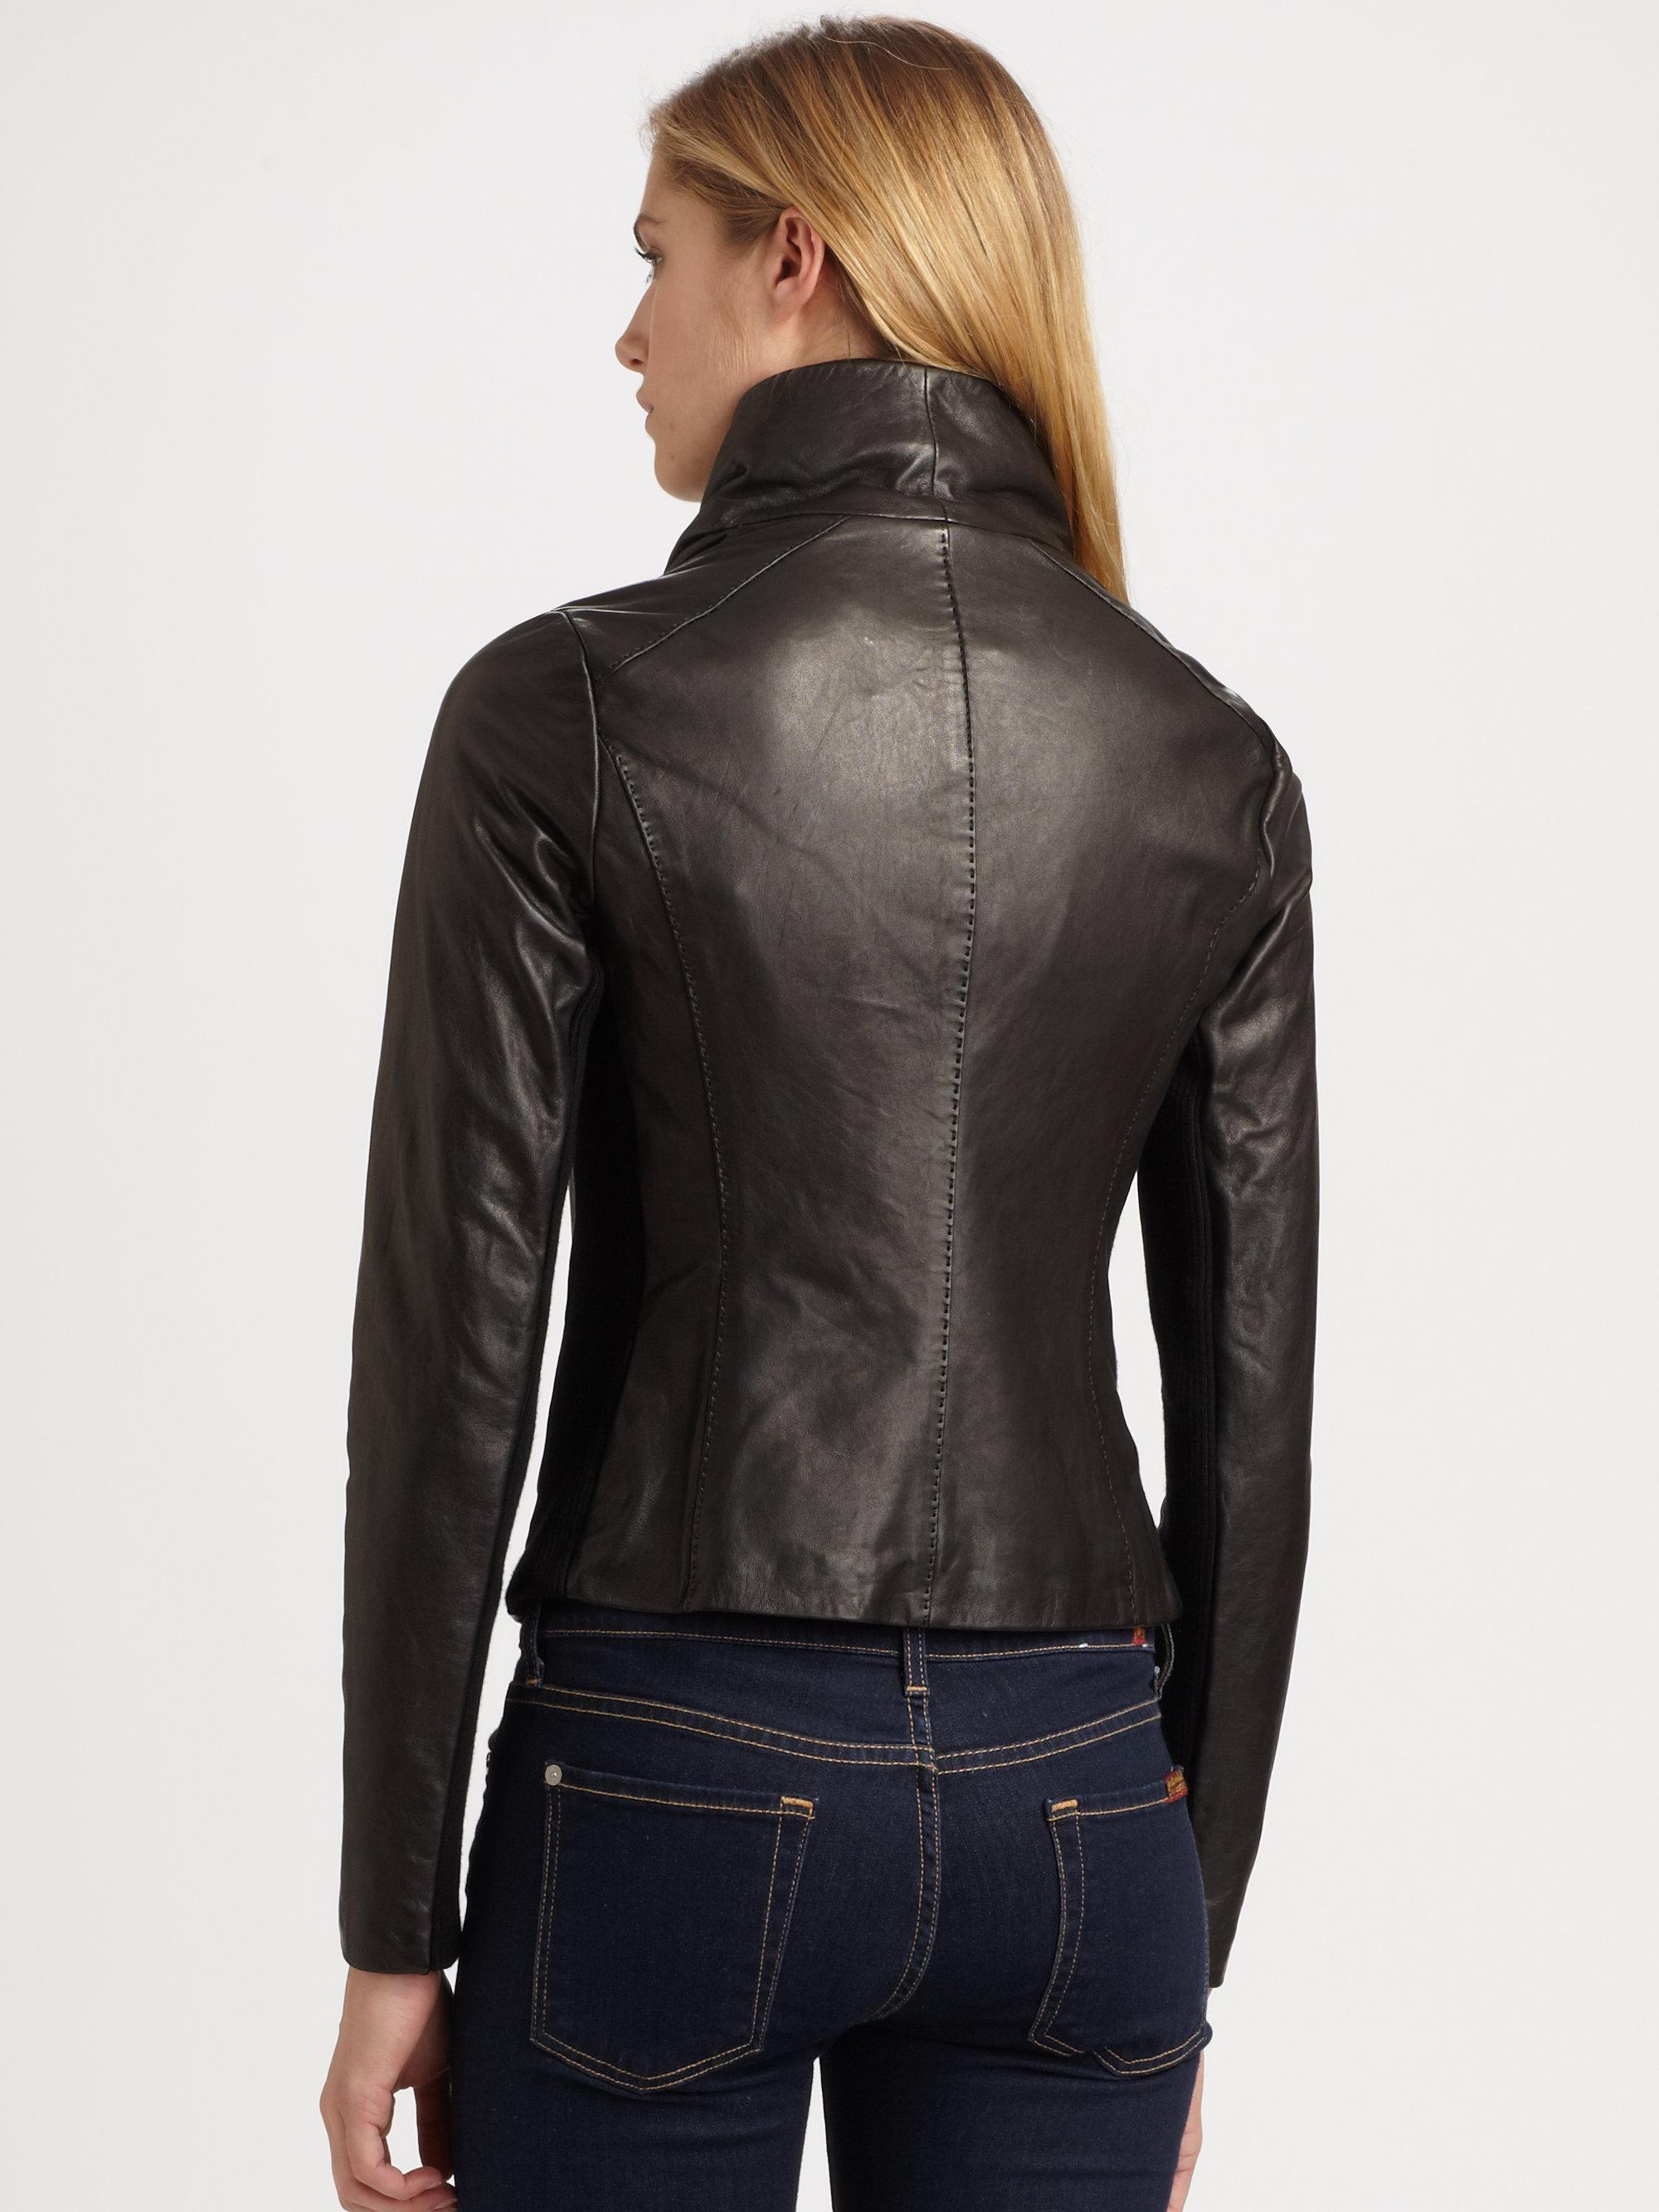 Vince Scuba Leather Jacket In Black Lyst